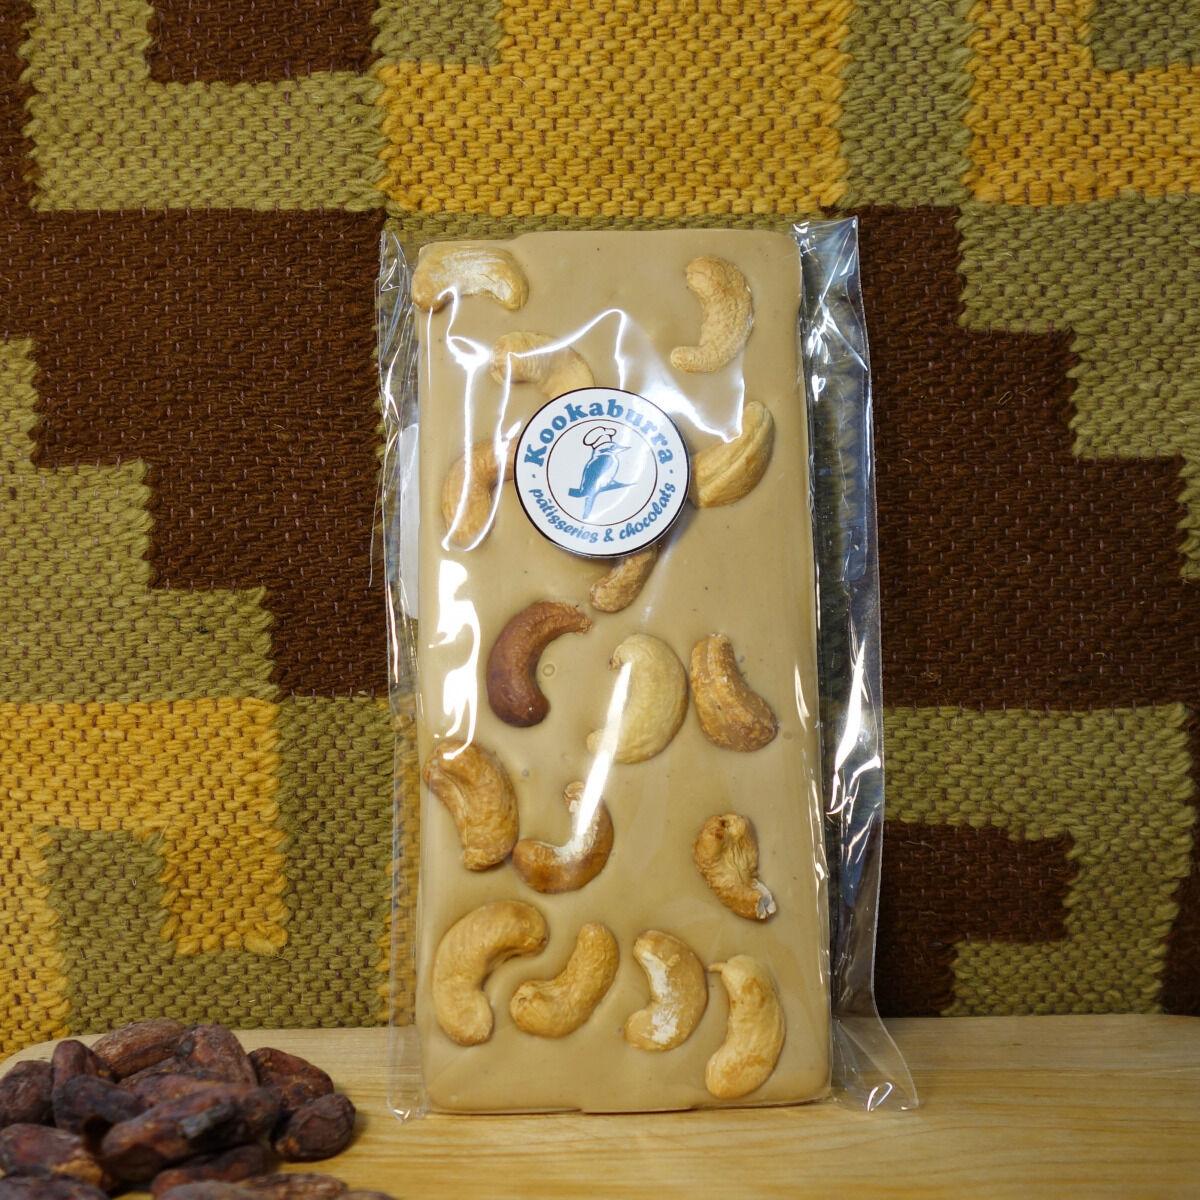 Pâtisserie Kookaburra Tablette Chocolat Blond & Cajou